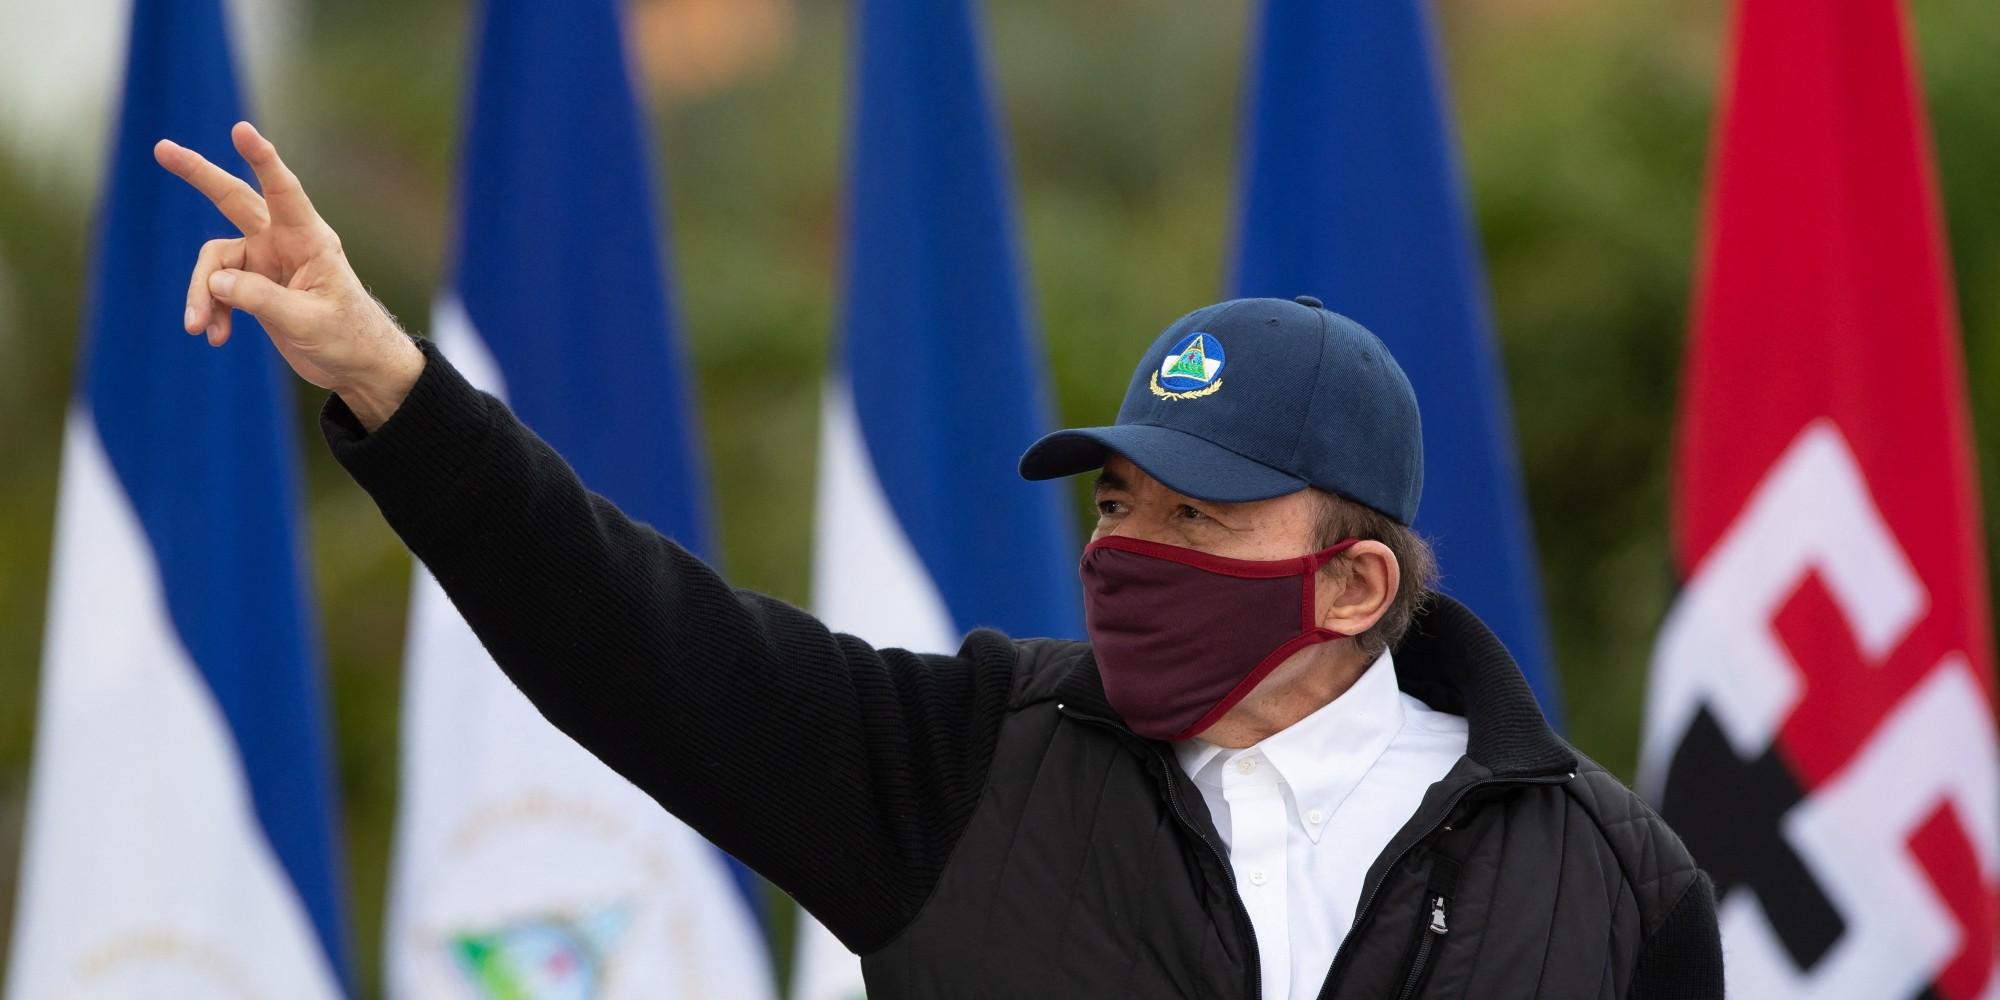 Daniel Ortega, le président qui plonge le Nicaragua dans la dictature